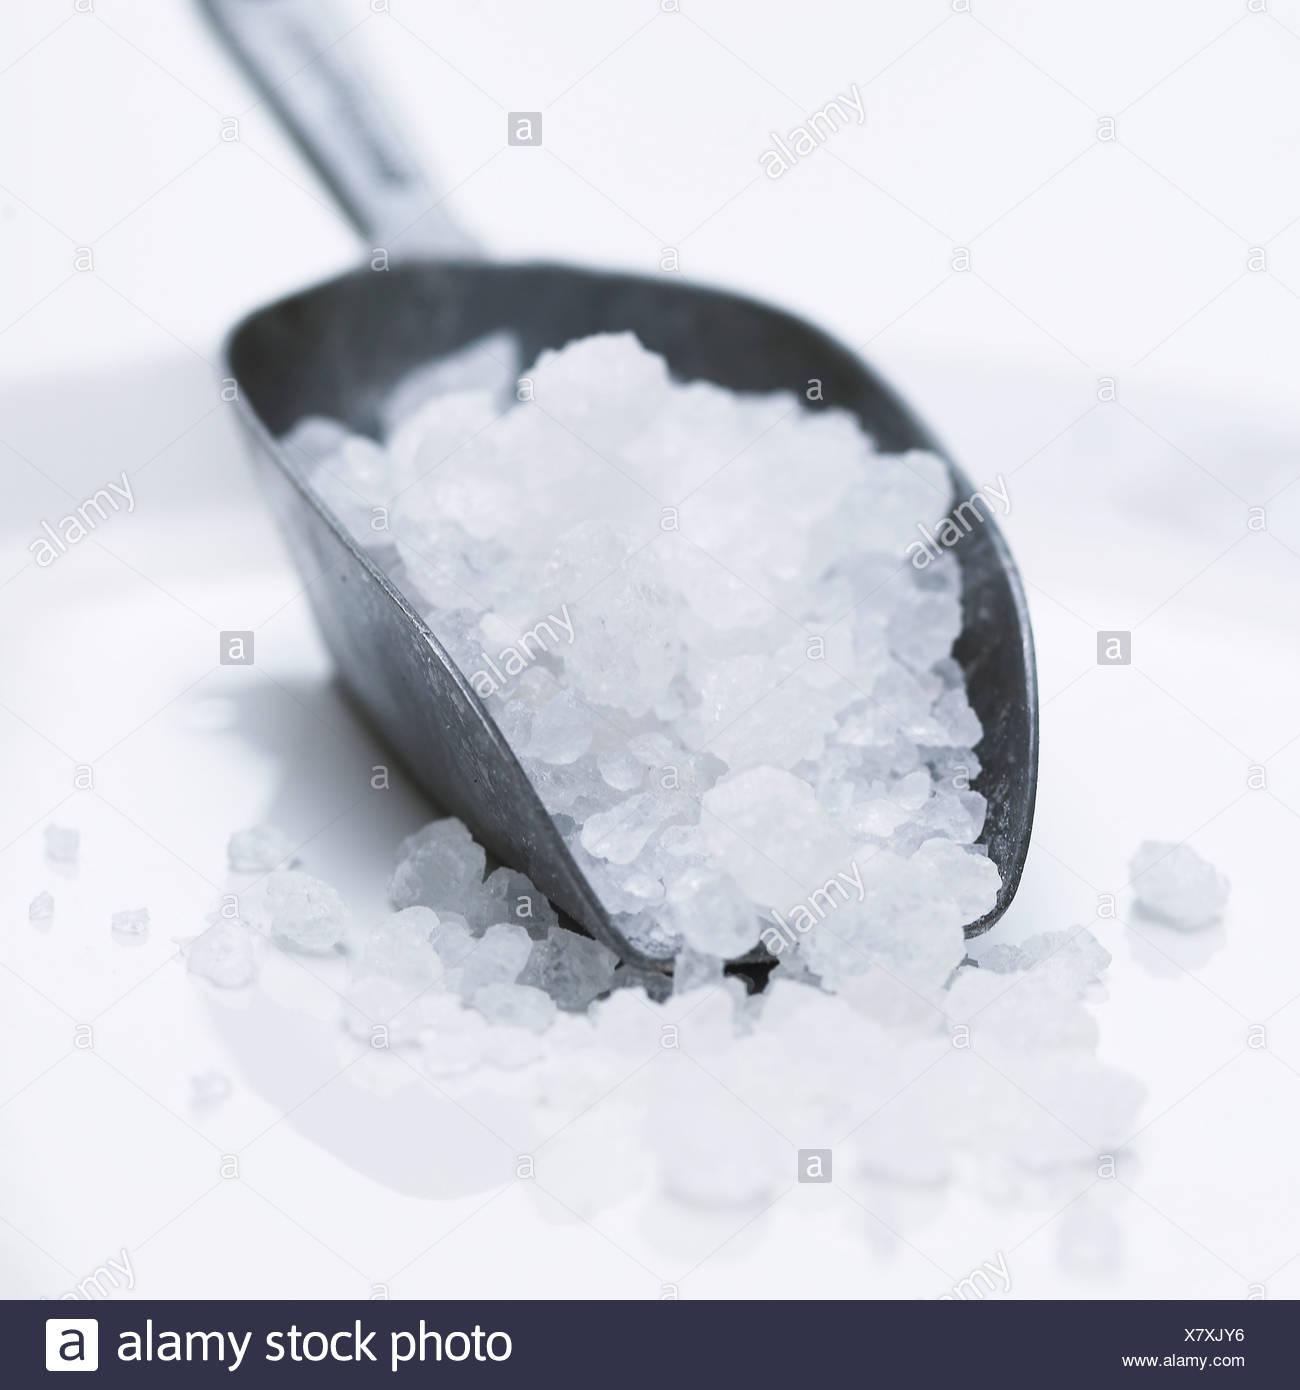 Rock salt in a salt scoop - Stock Image